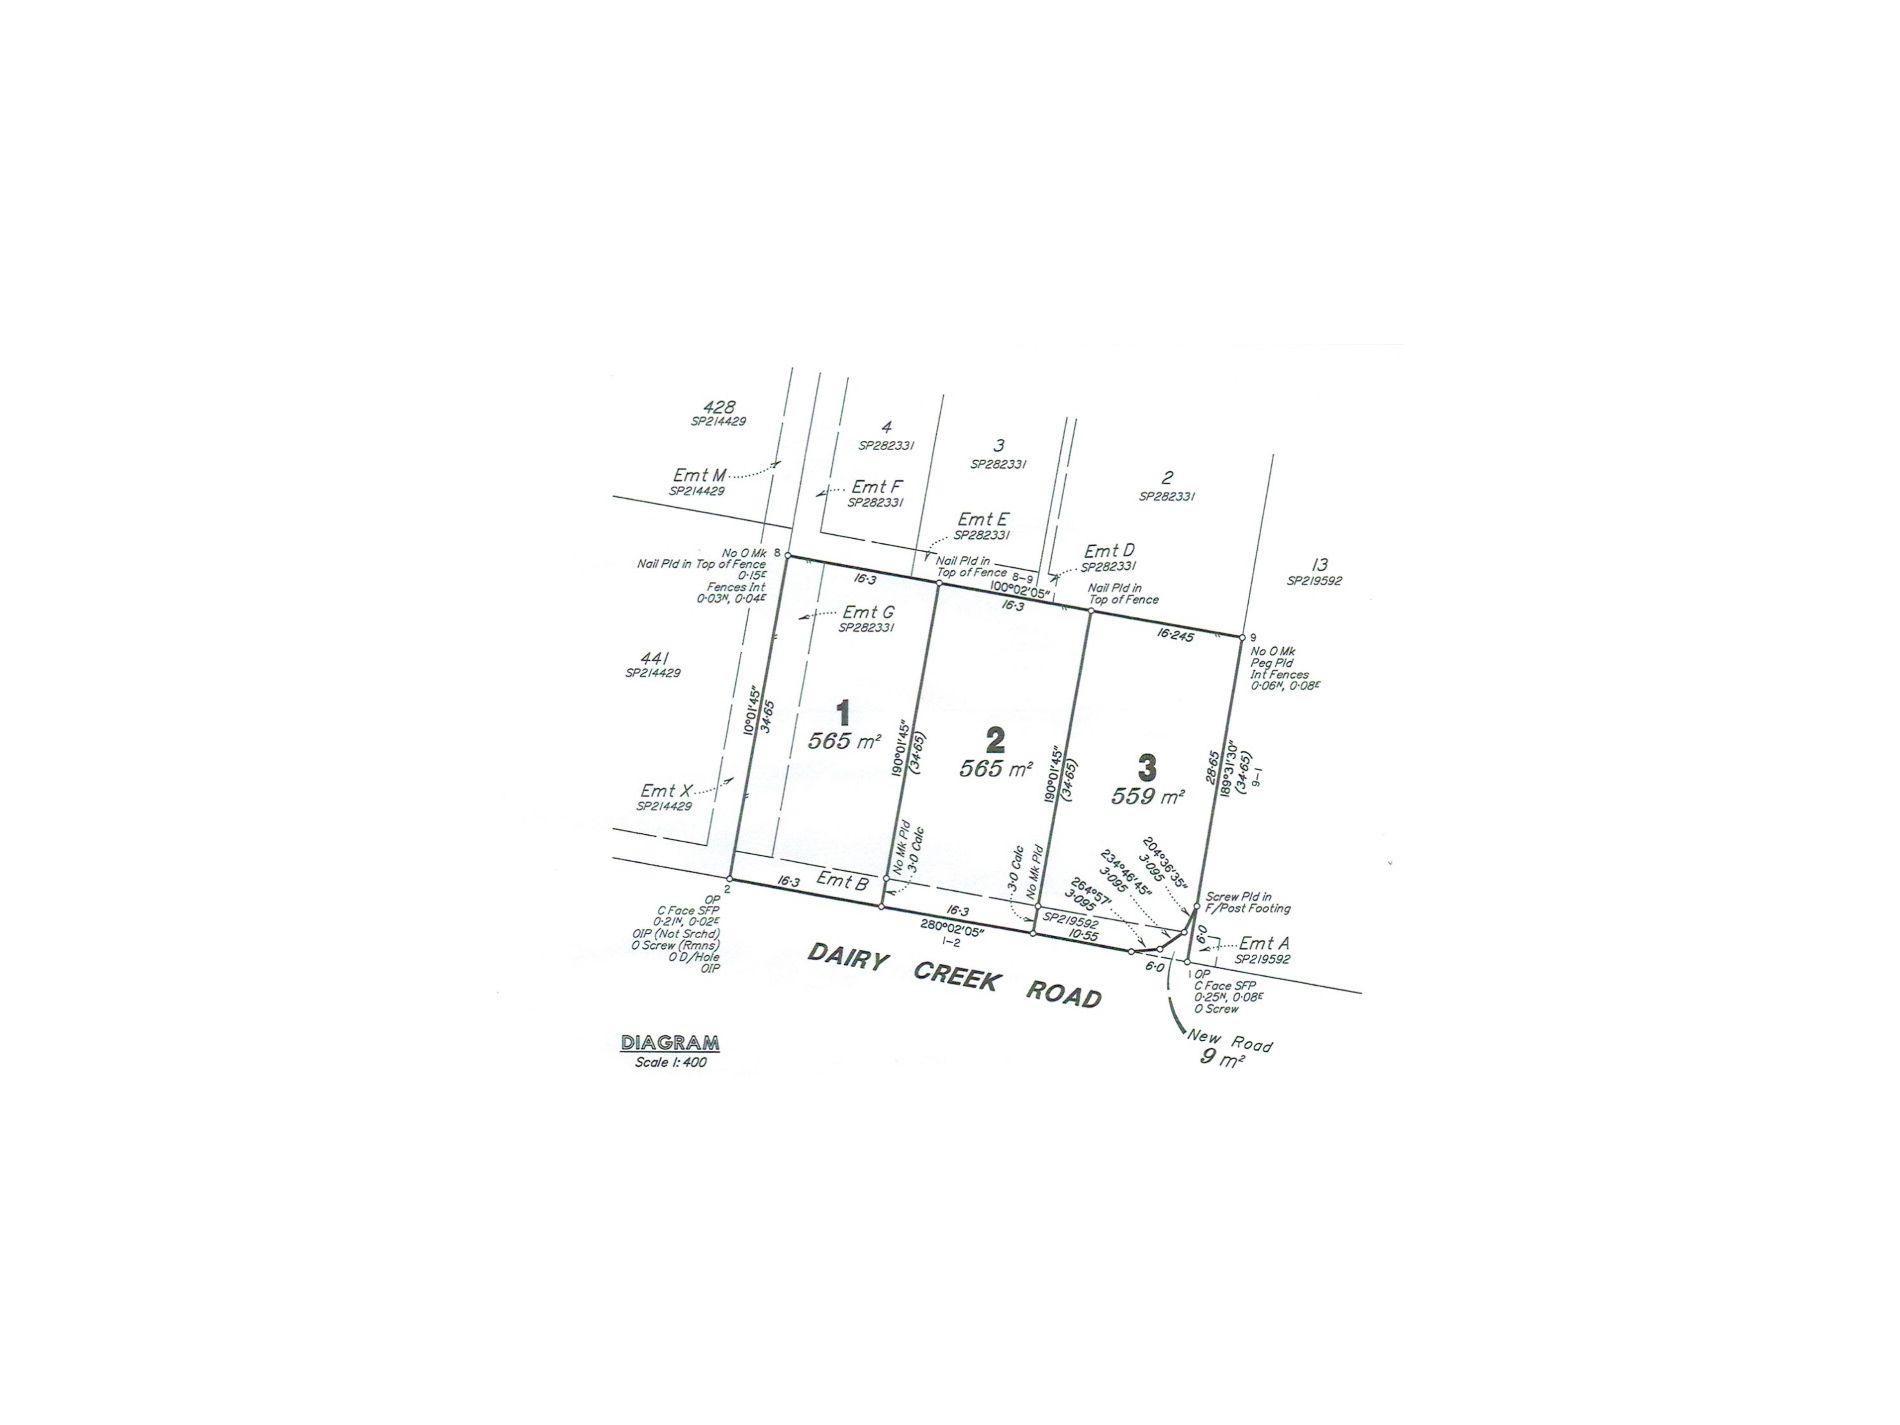 Lot 1, 298 Dairy Creek Road, Waterford